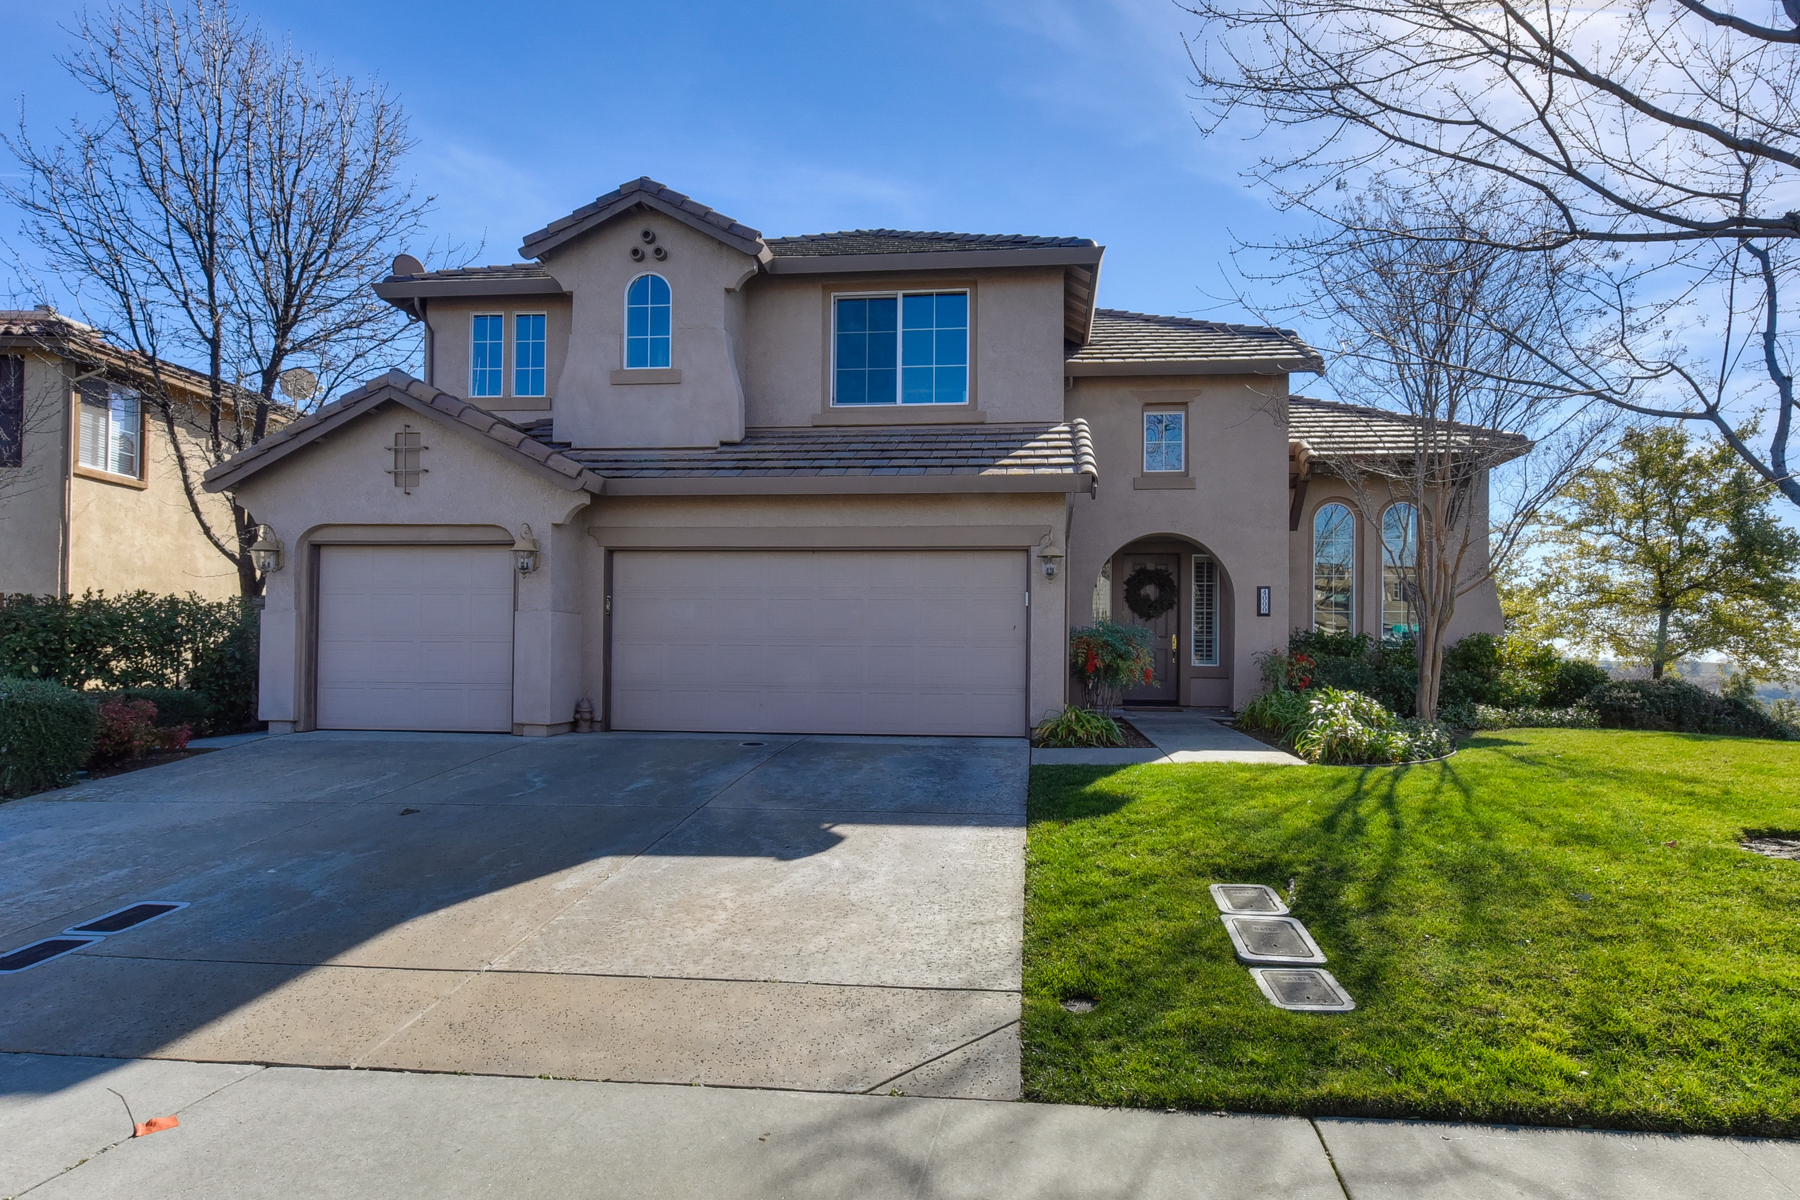 Casa Unifamiliar por un Venta en 4000 Borders Drive, El Dorado Hills, CA 95762 El Dorado Hills, California 95762 Estados Unidos